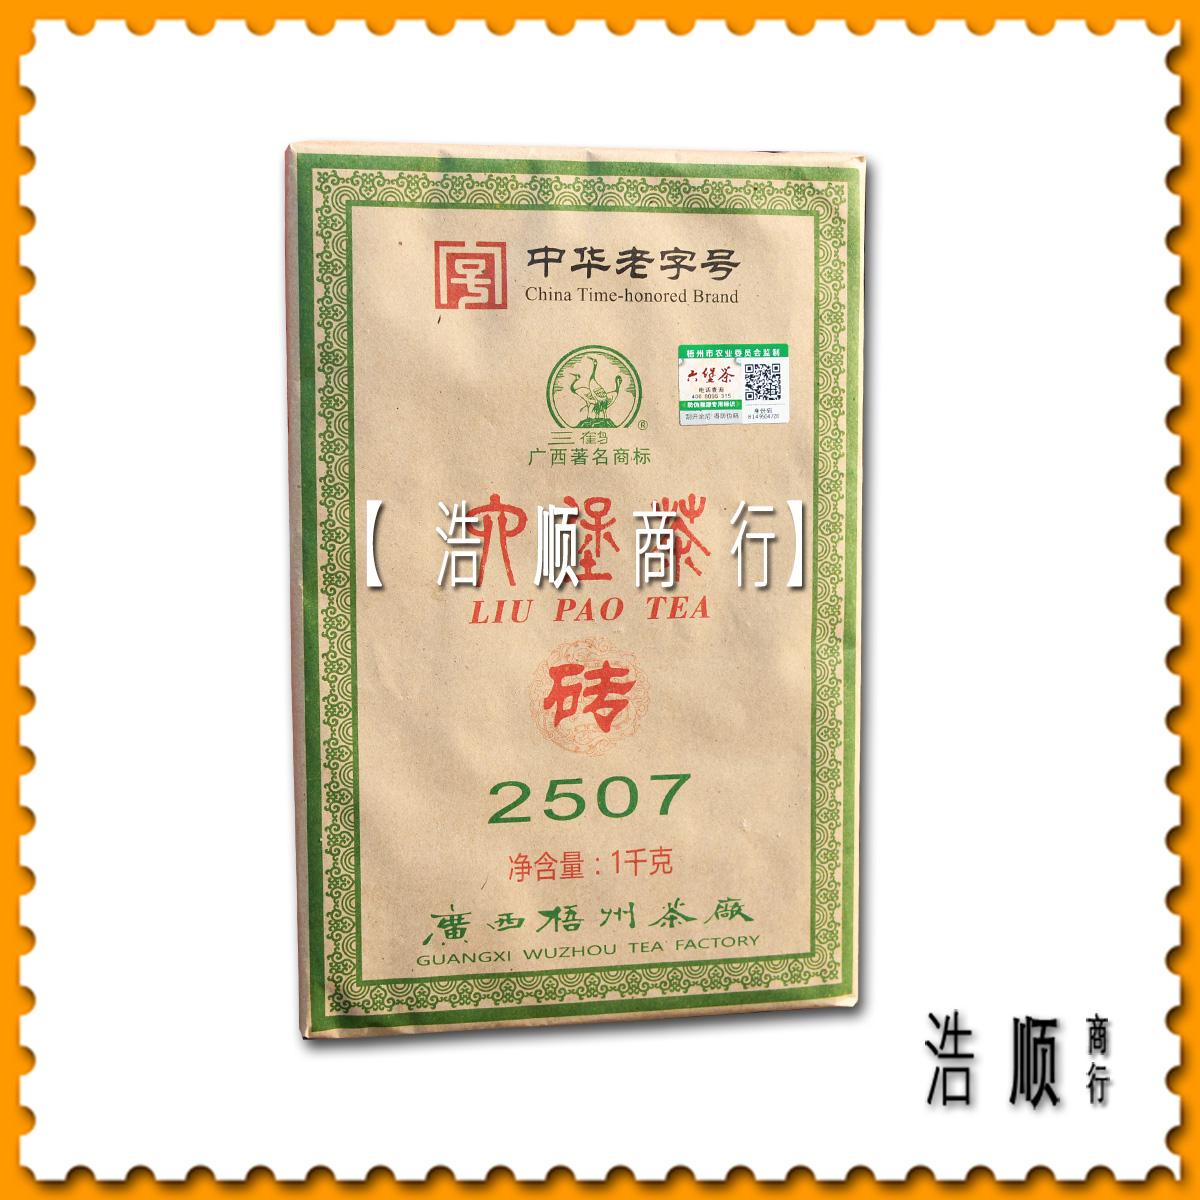 〓三鹤授权店〓【浩顺商行】梧州茶厂2017年三鹤二级2507六堡茶砖